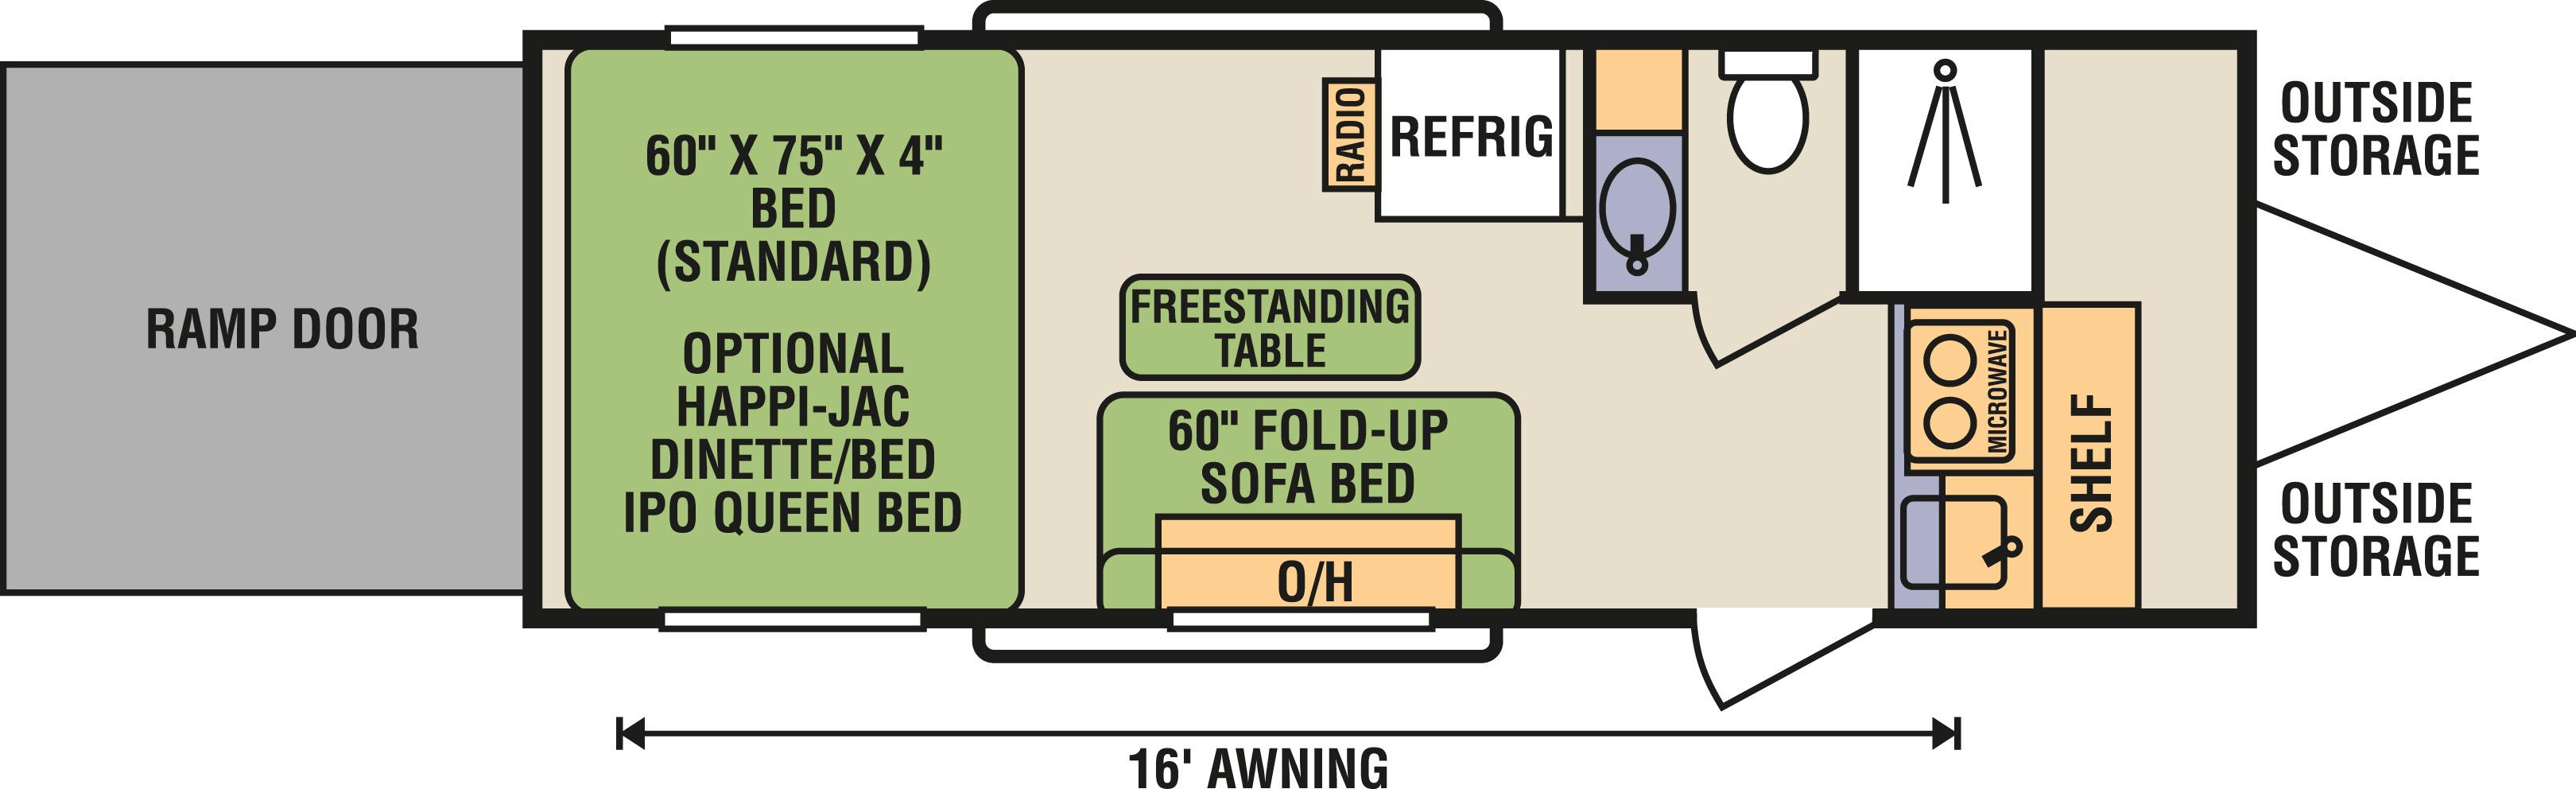 7x20HJ - Floorplan